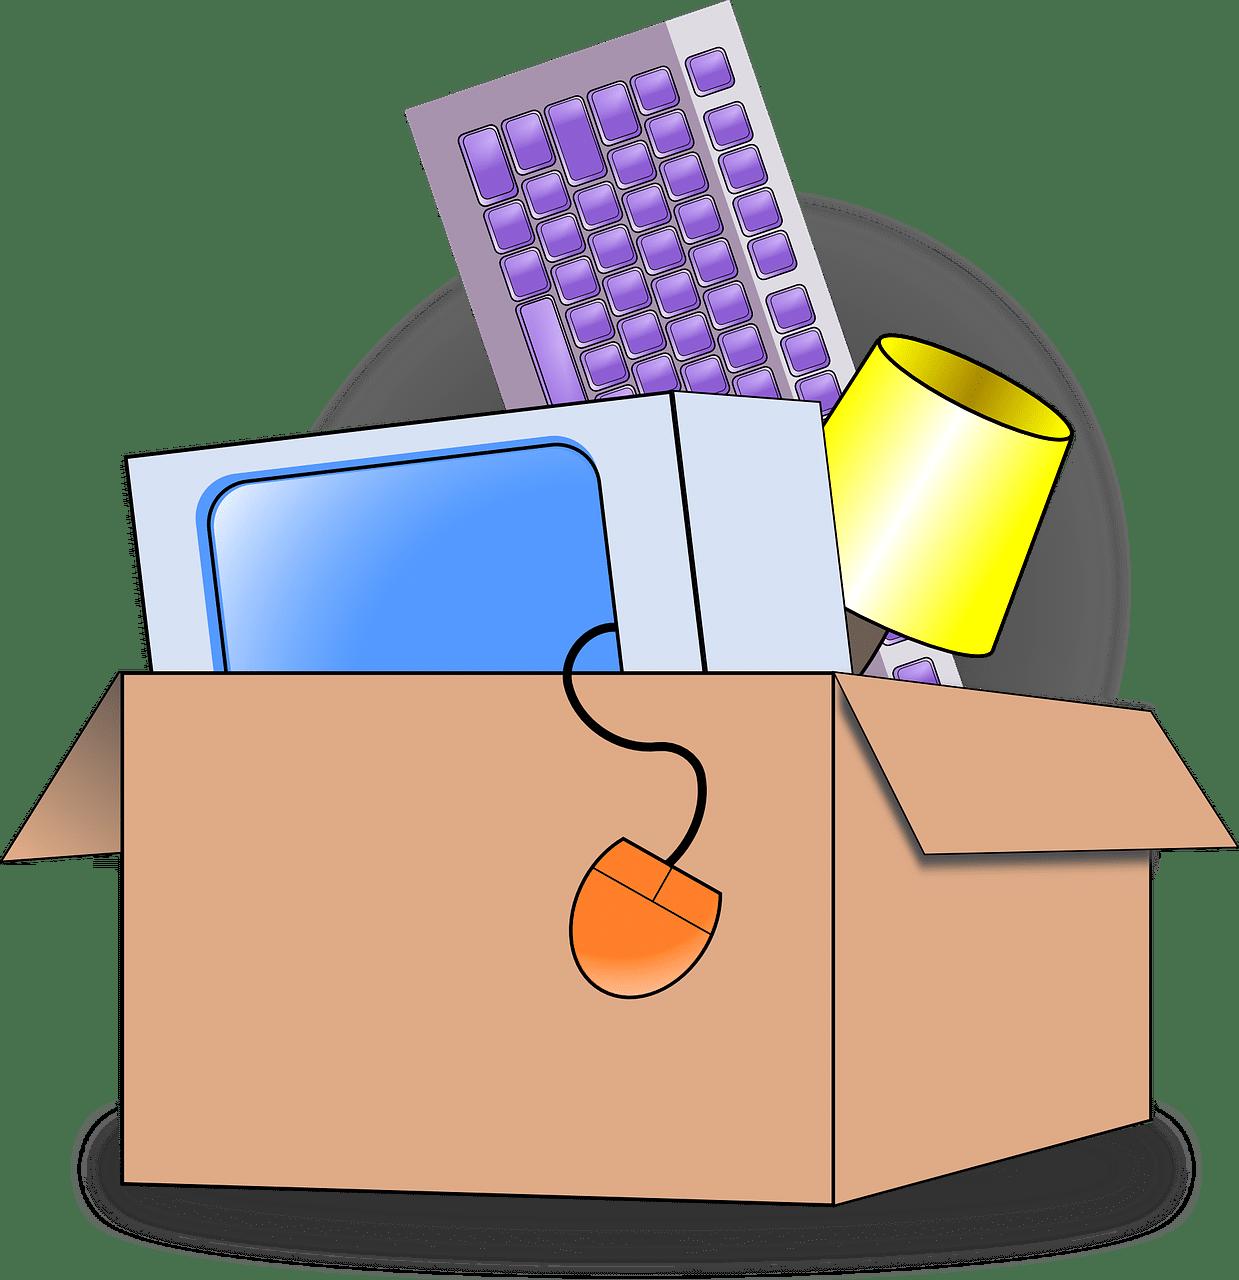 Verhuisdoos Met Laptop